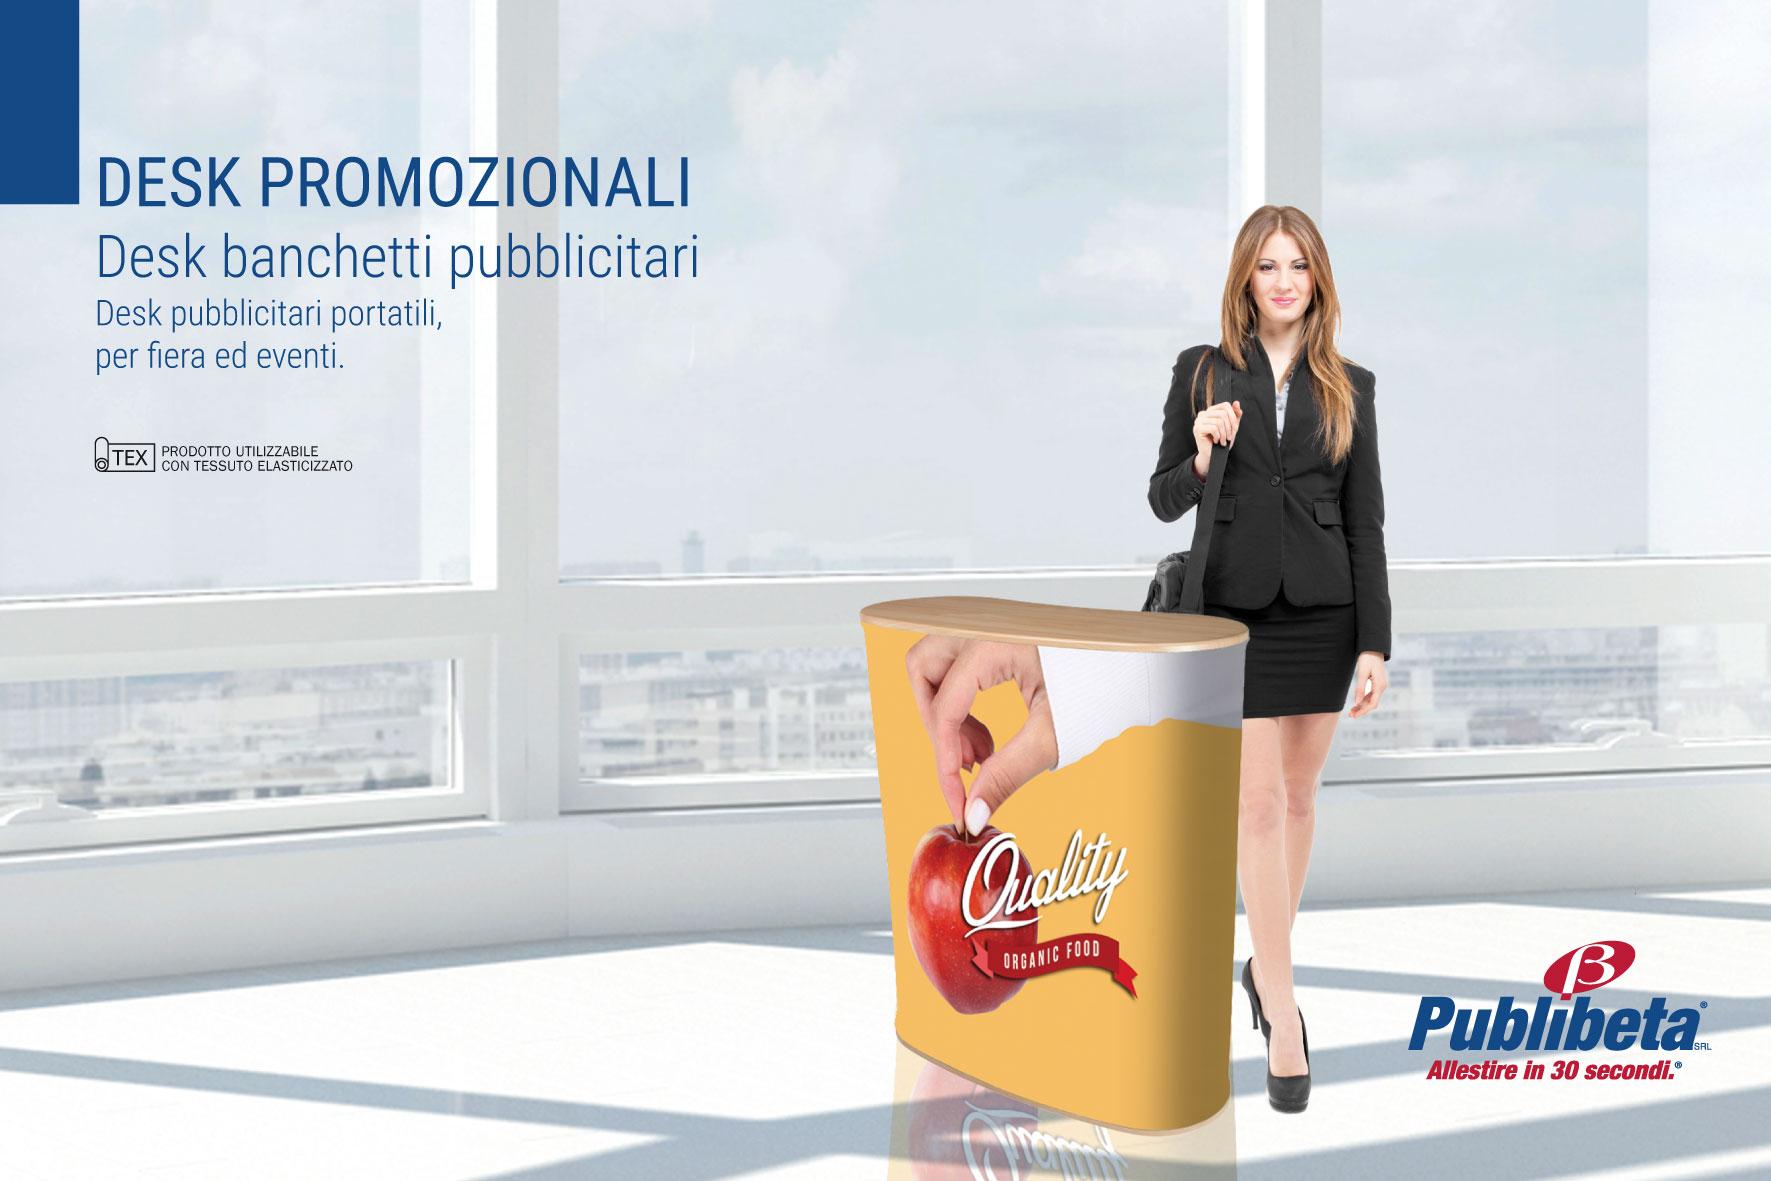 desk promozionali, isole promozionali